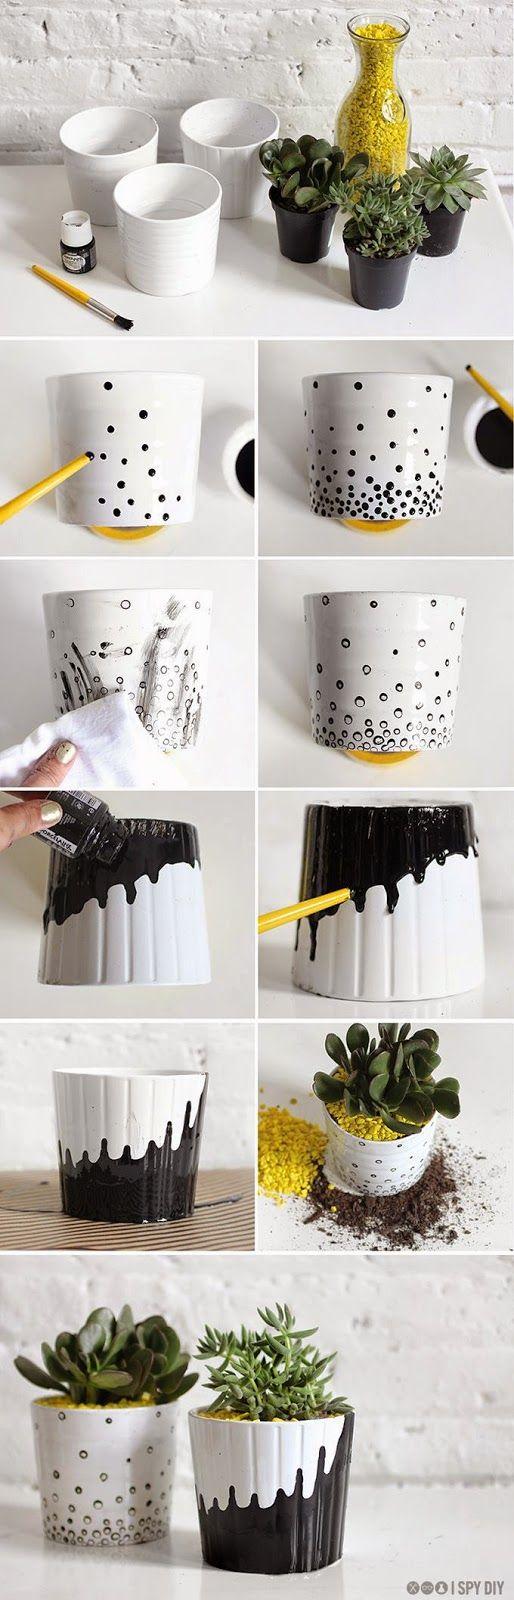 I want #pretty: #DIY- Varias ideas para hacer tú mismo. Dale un giro diferente a tus #macetas.